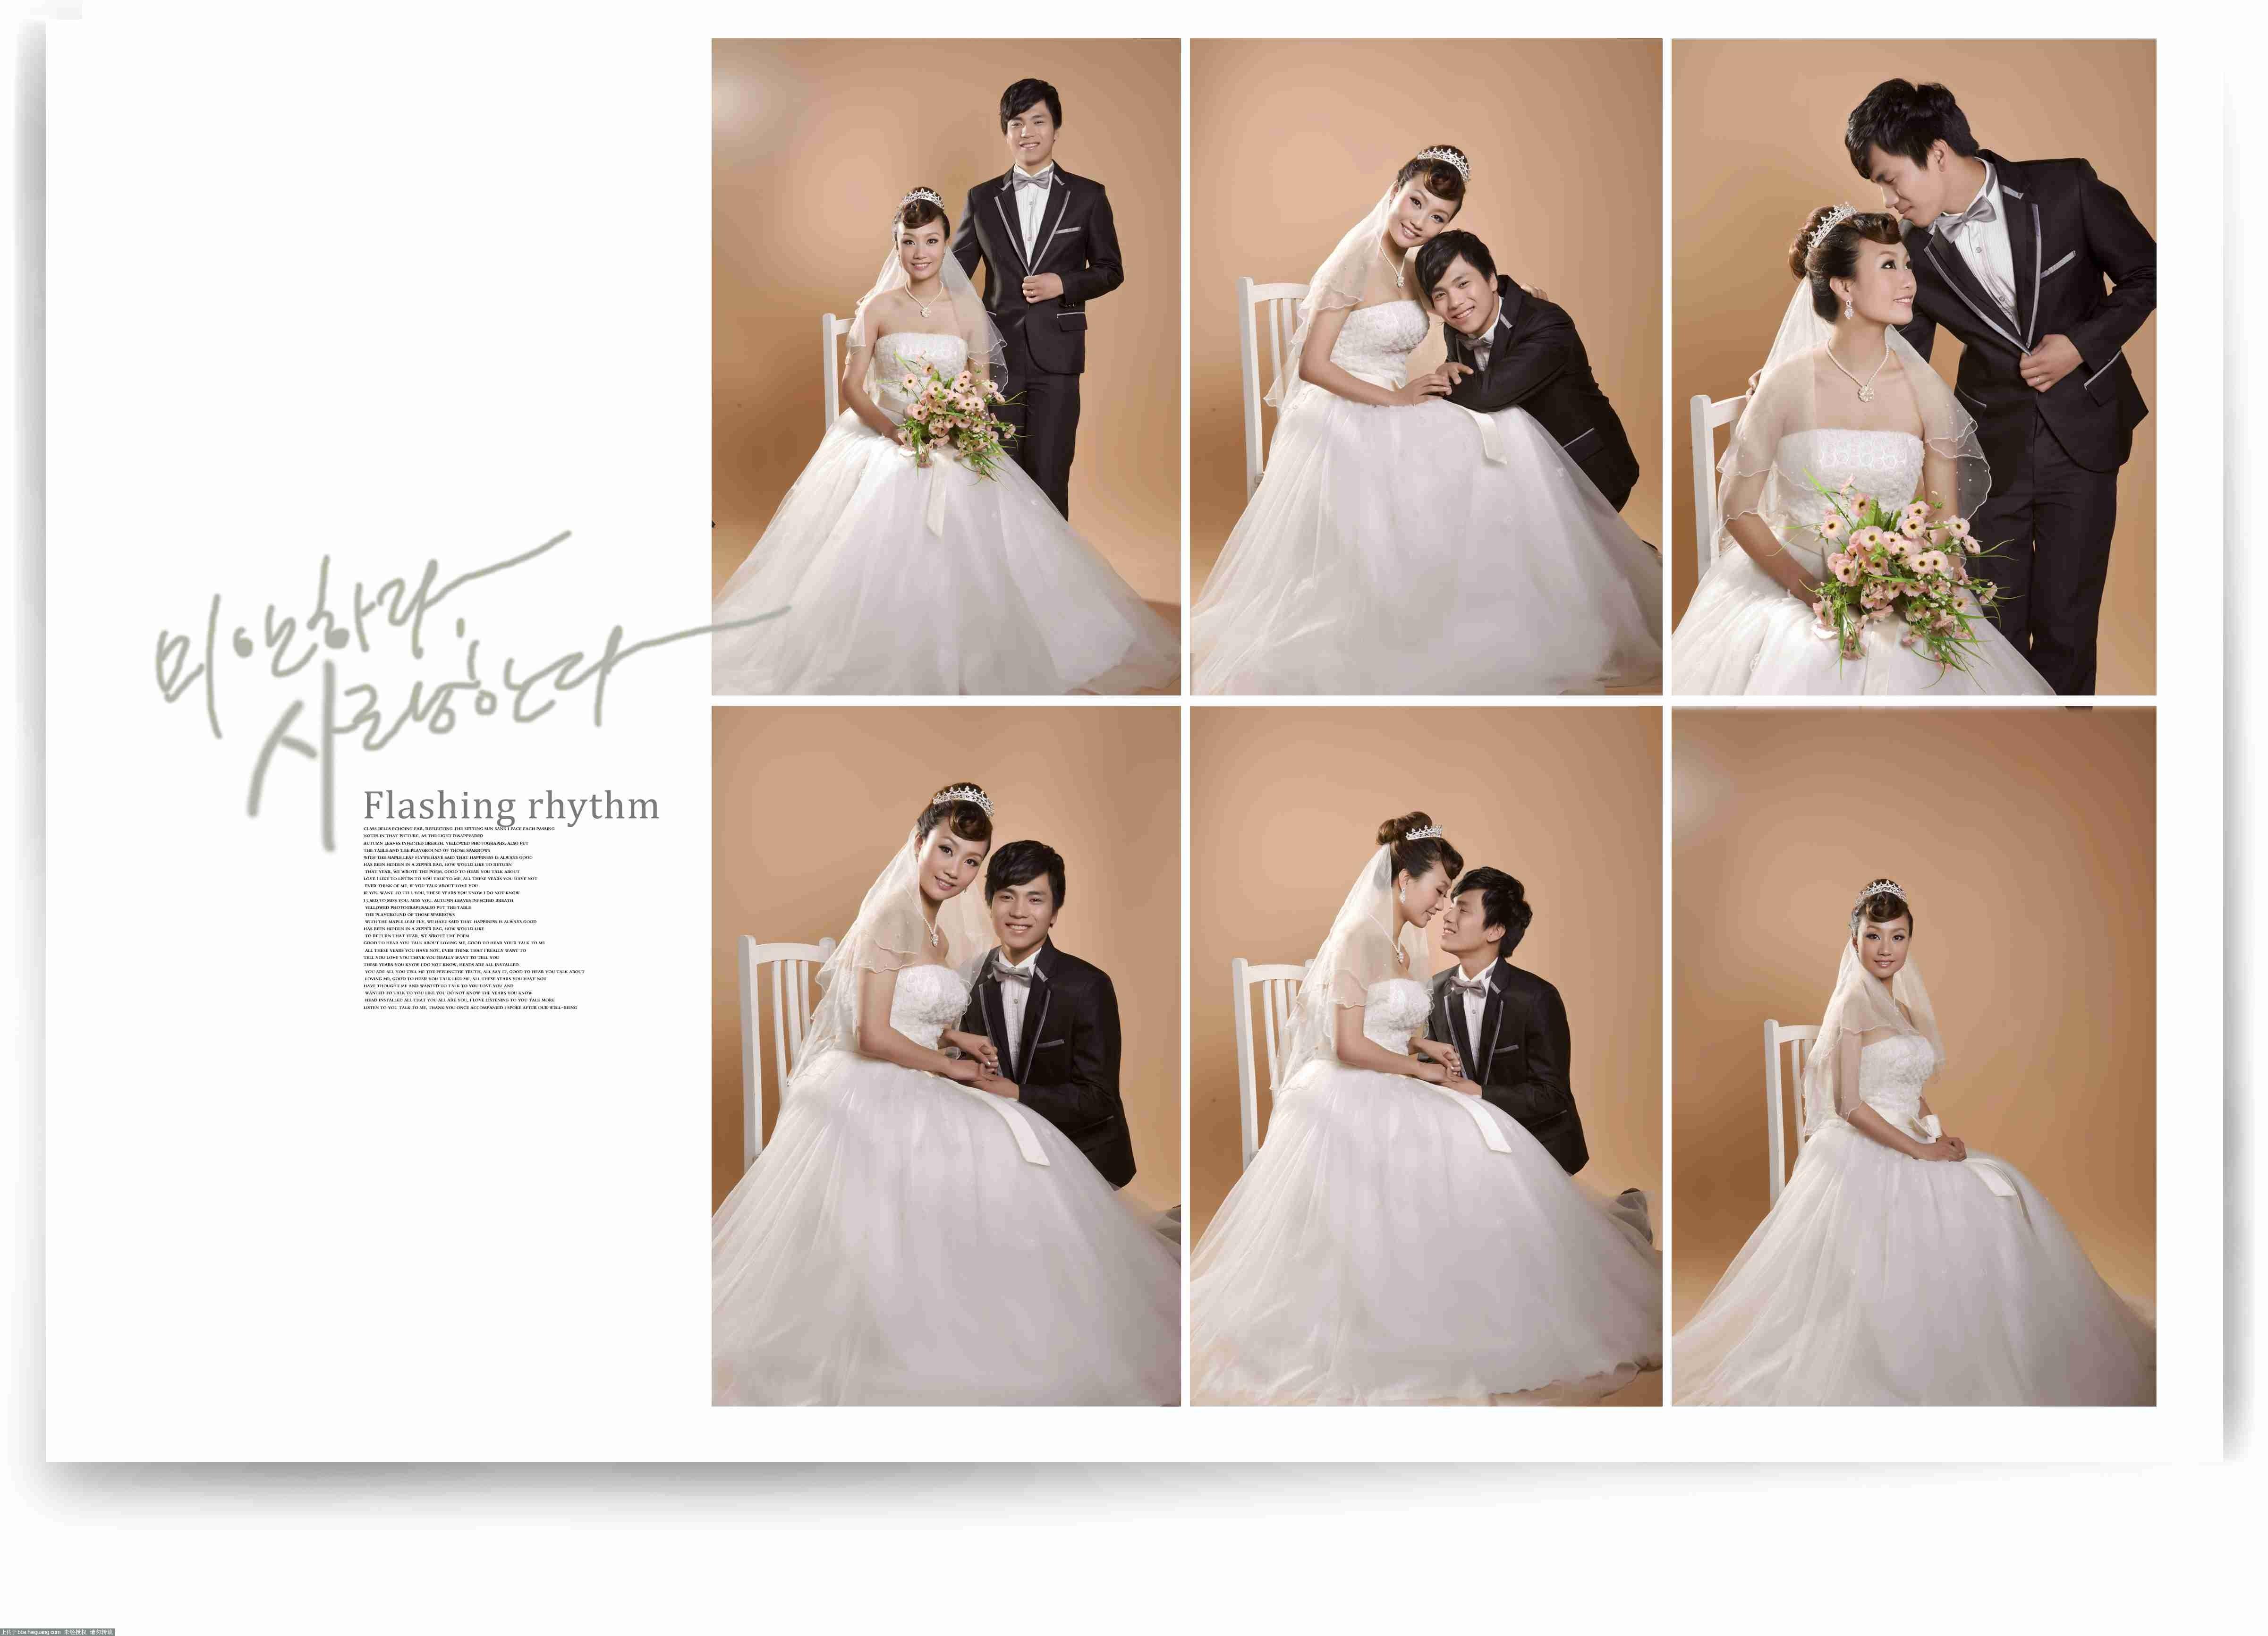 婚纱相册排版素材下载